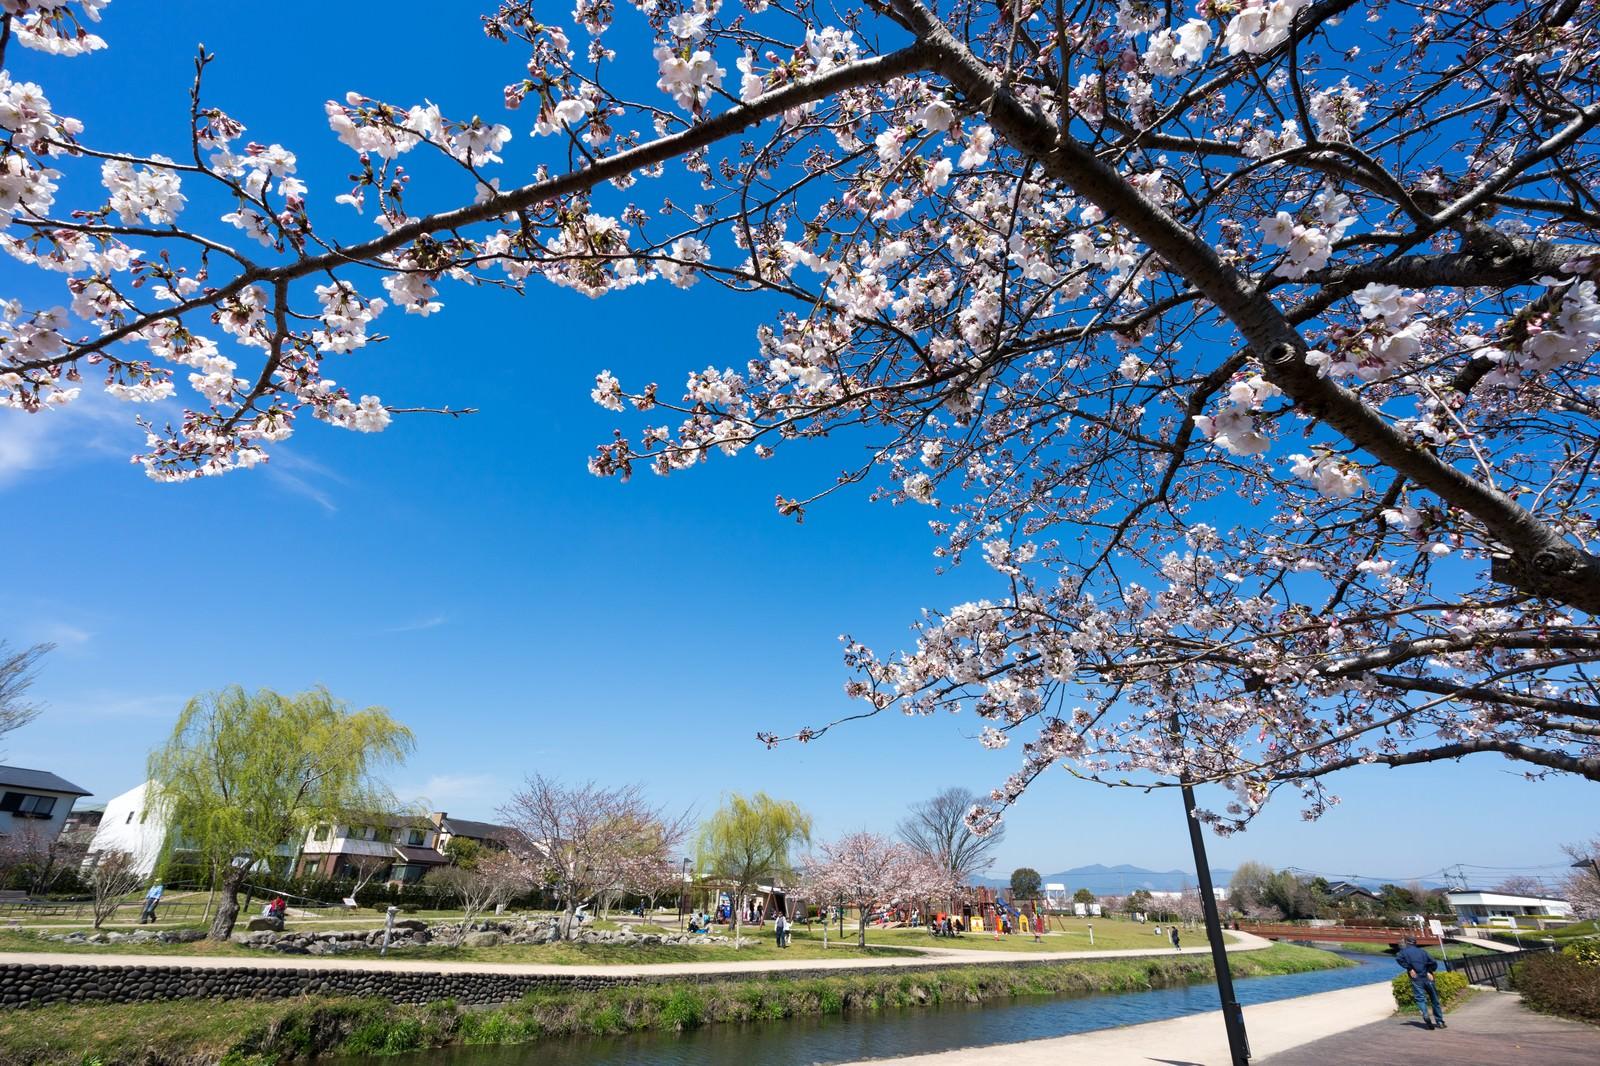 「大刀洗公園の春 | 写真の無料素材・フリー素材 - ぱくたそ」の写真